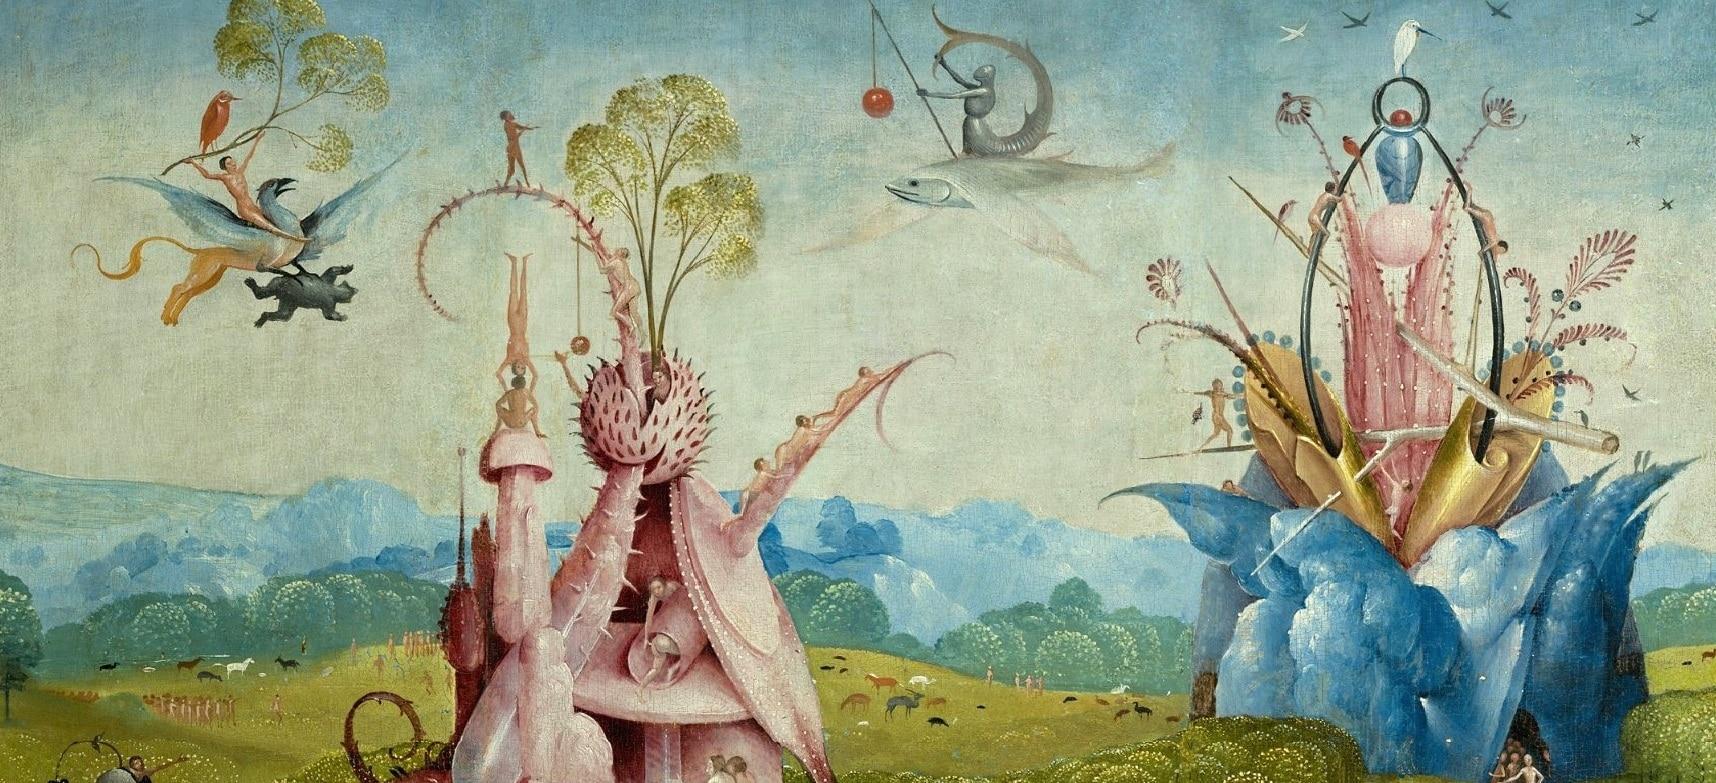 Imagen de un detalle de la obra El Jardín de las Delicias de El Bosco